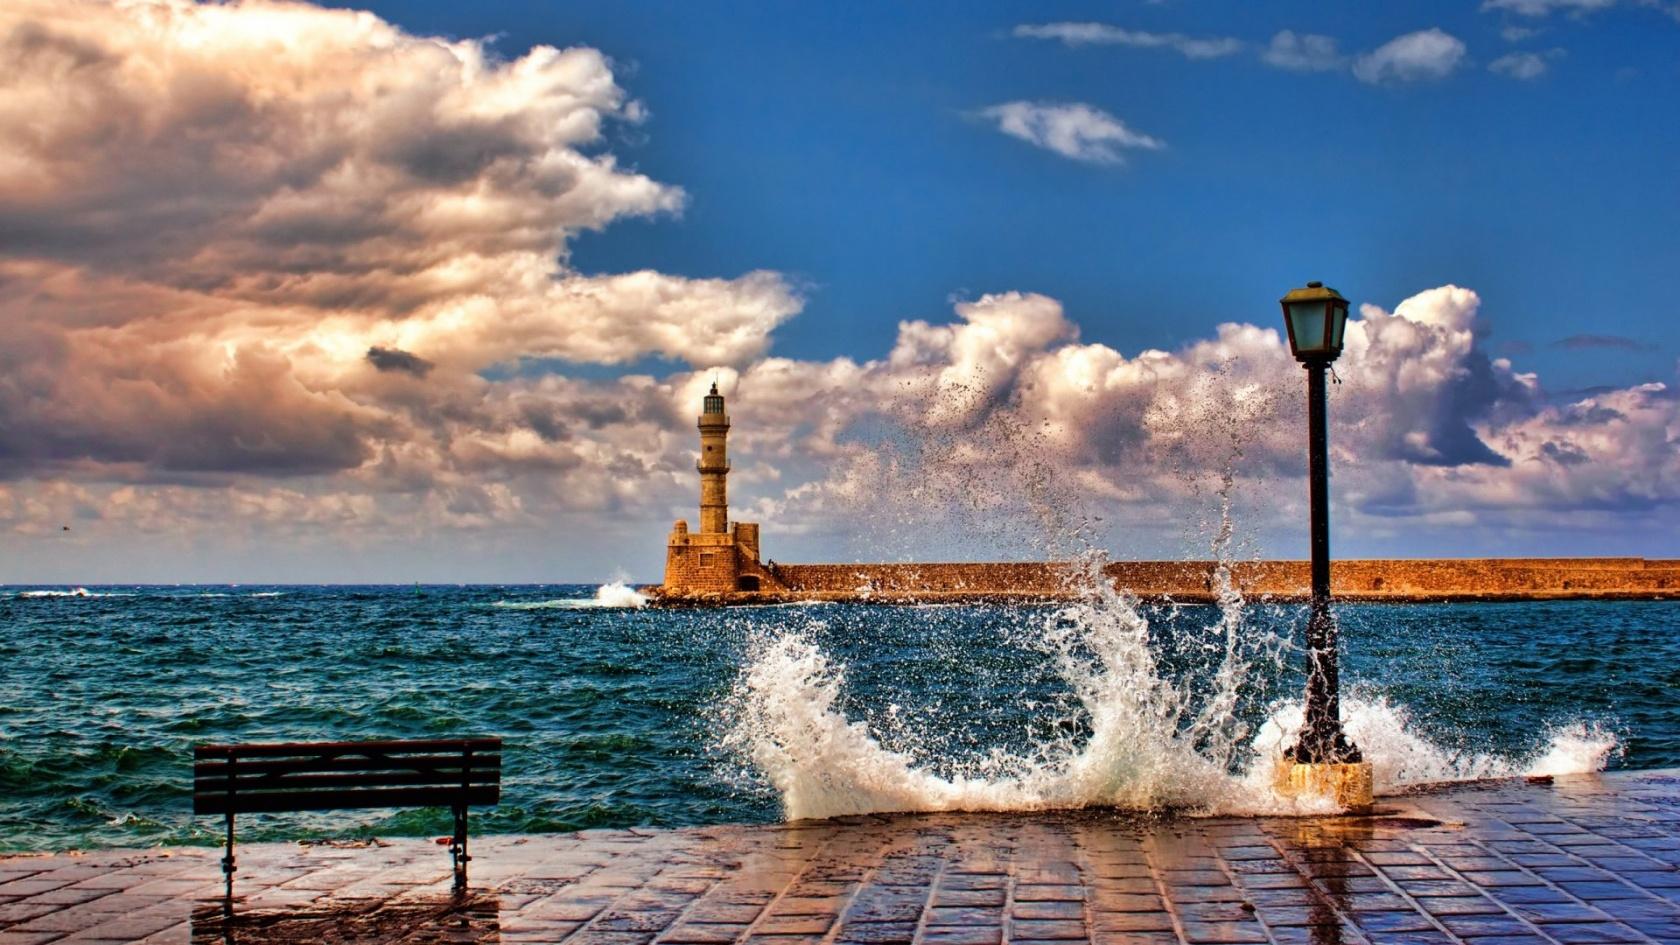 Beautiful Ocean View Wallpapers - 9582